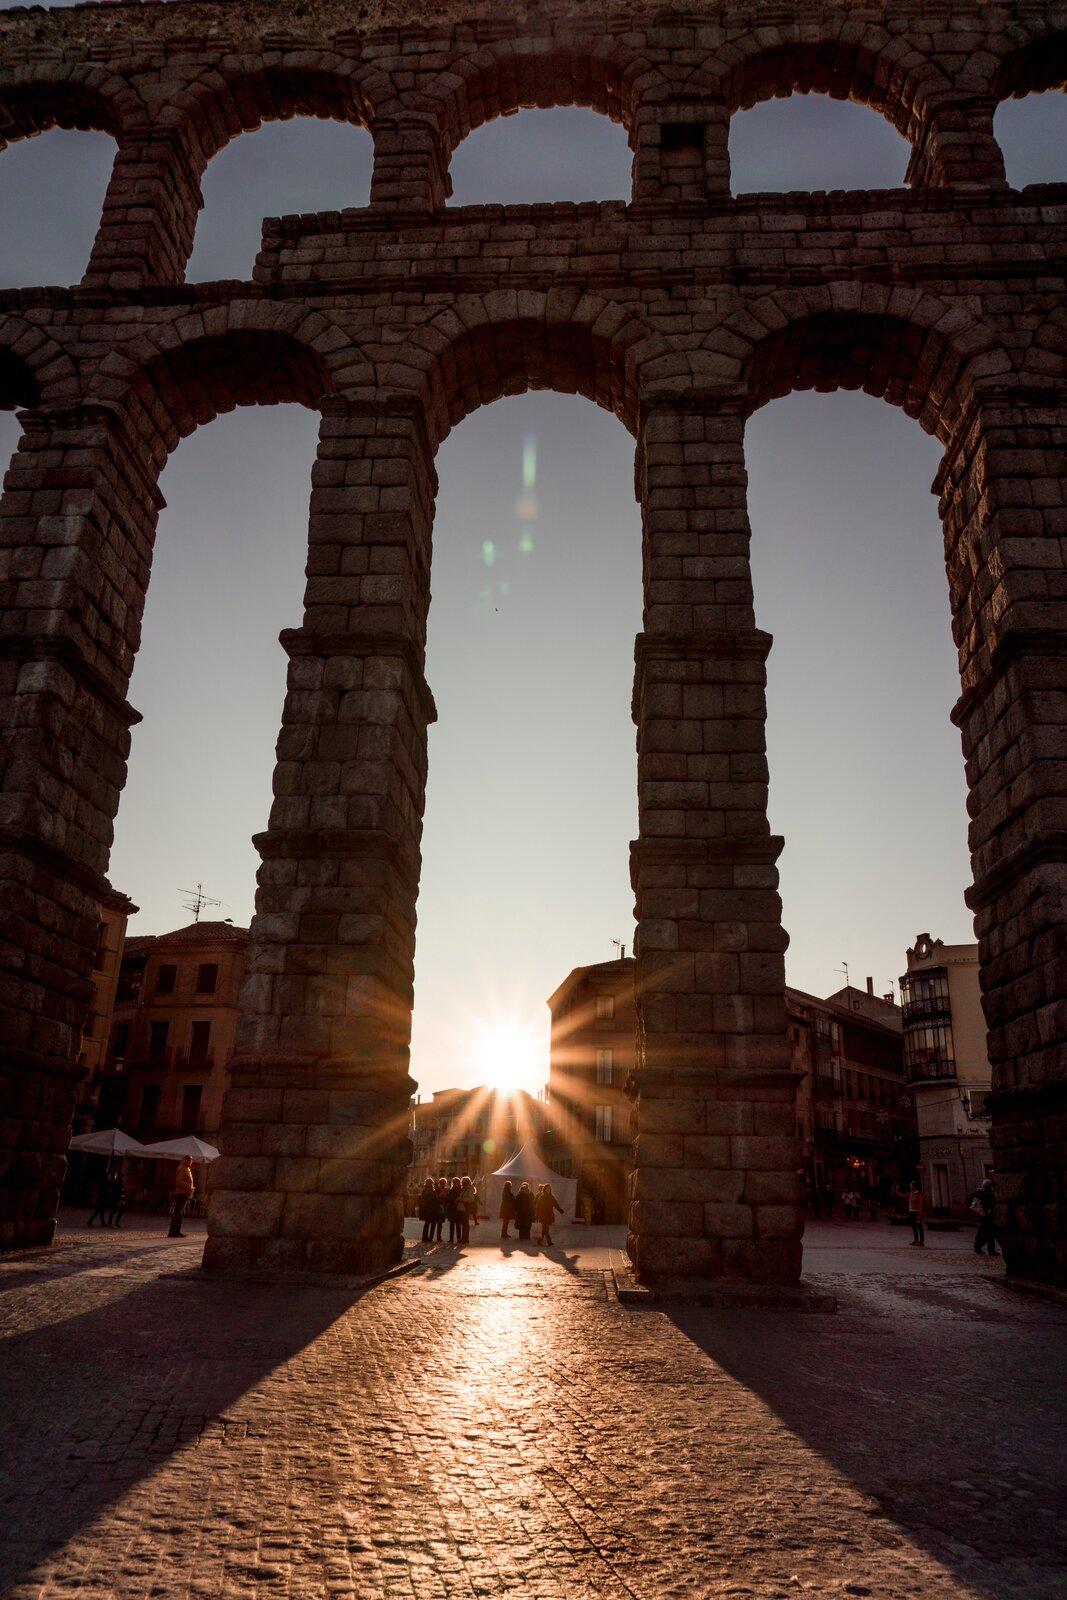 římský akvadukt (javier-martinez-O4IBwEXwF3A-unsplash)